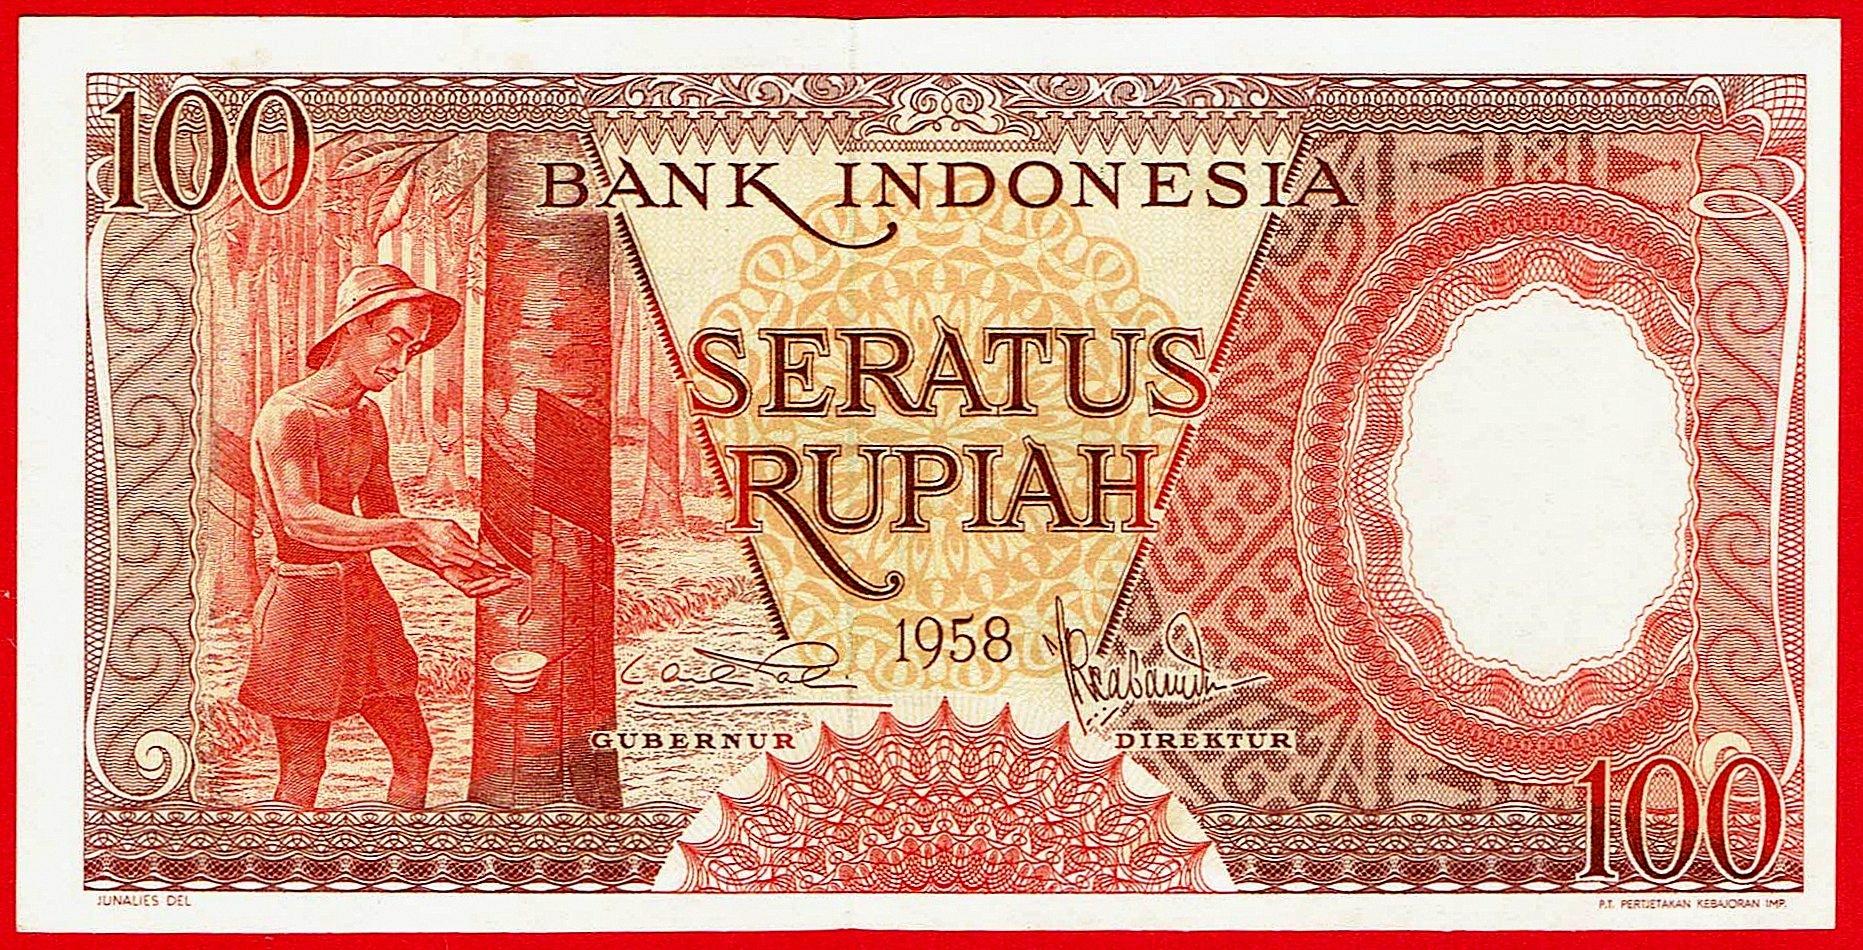 100 РУПИАХ - Индонезия - 1958 - штат UNC